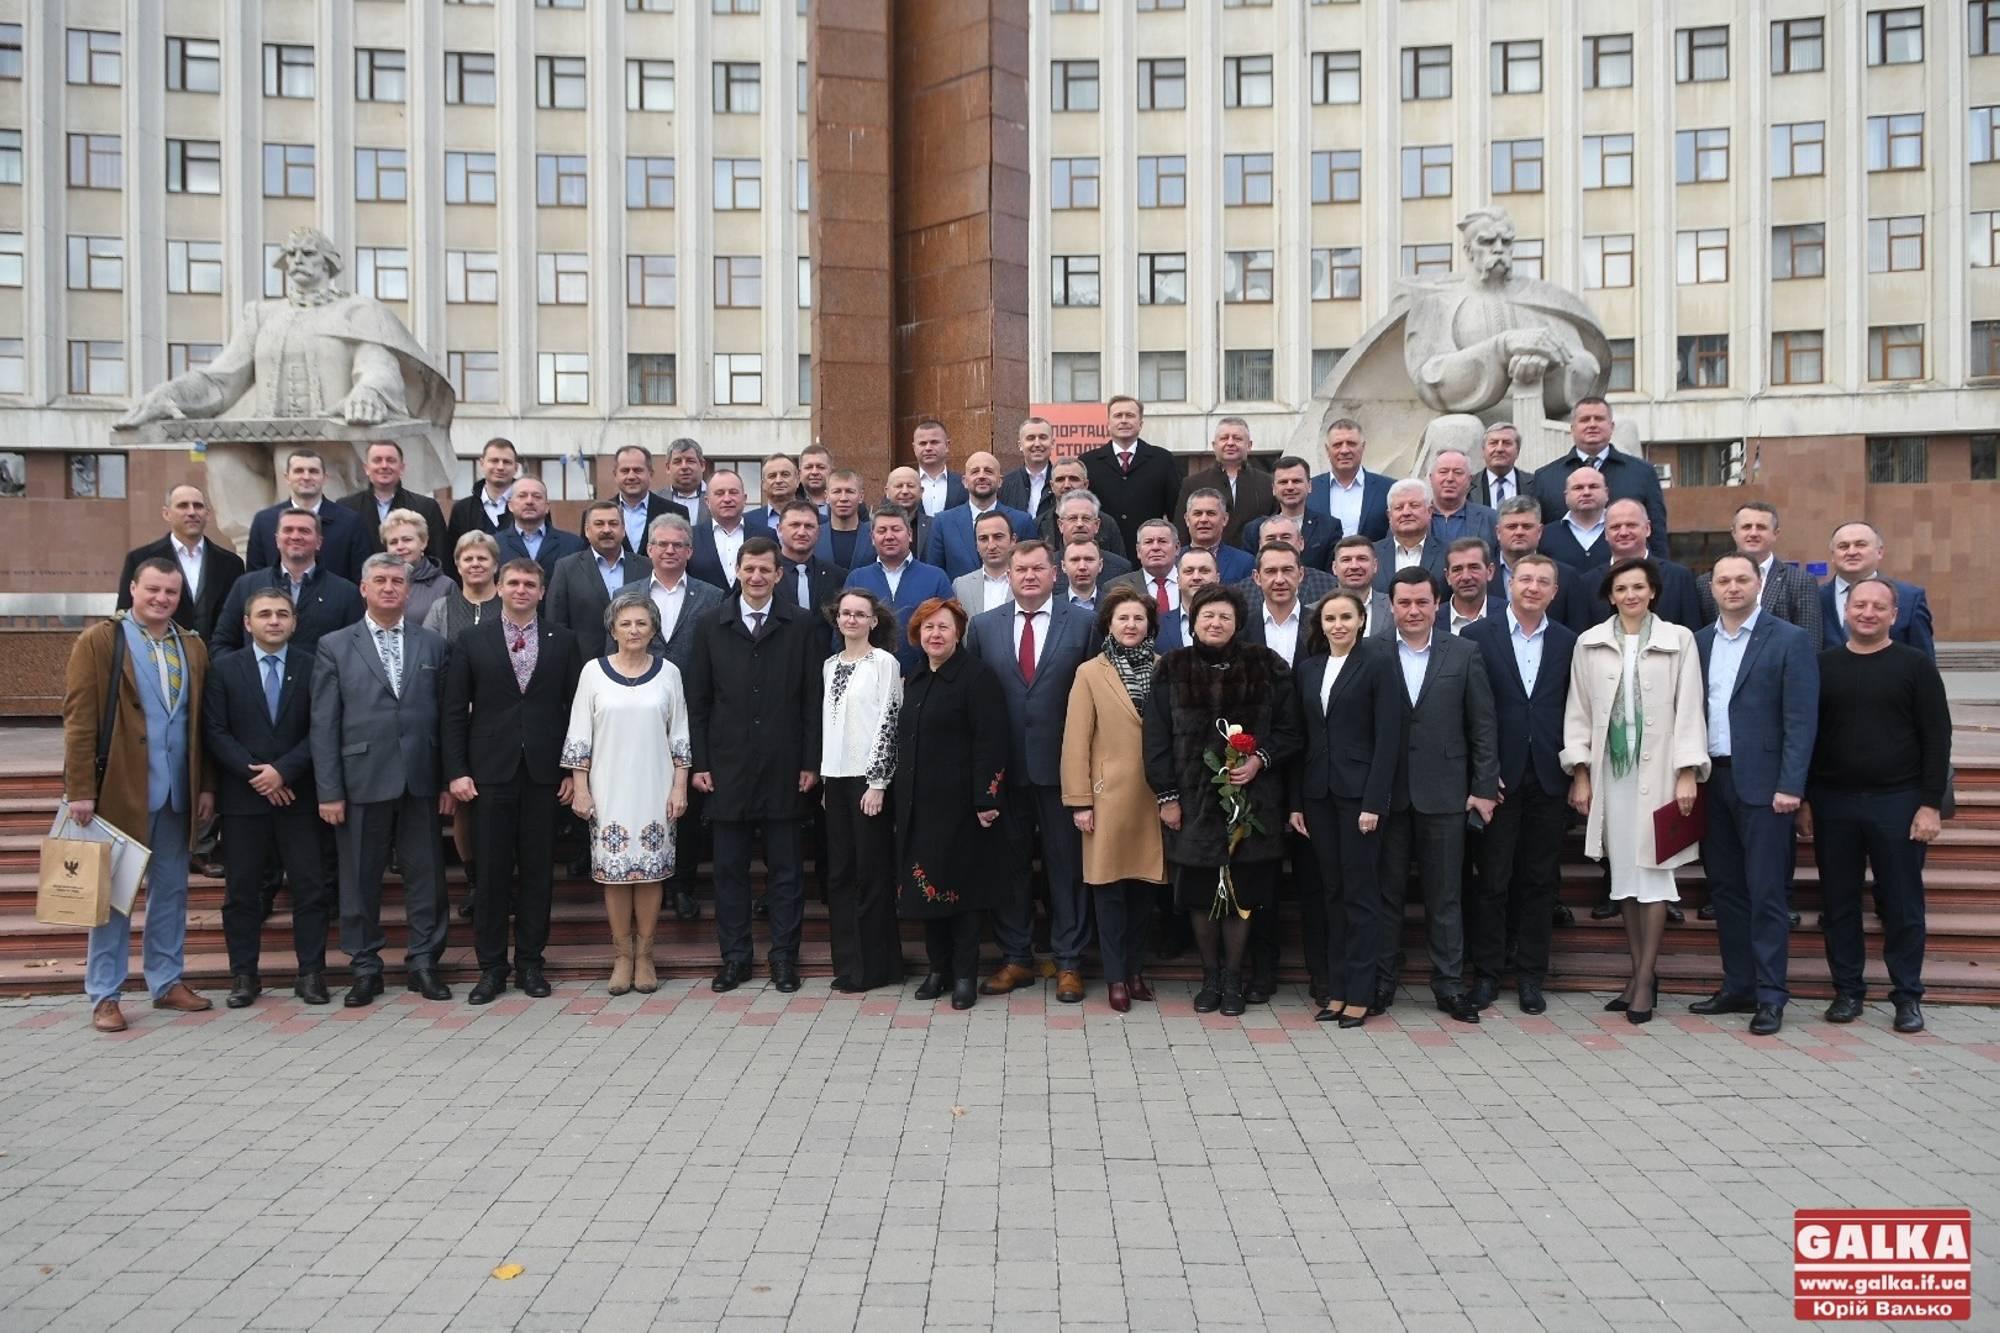 Нагородами та пам'ятною світлиною завершилася остання сесія облради чинного скликання (ФОТО)